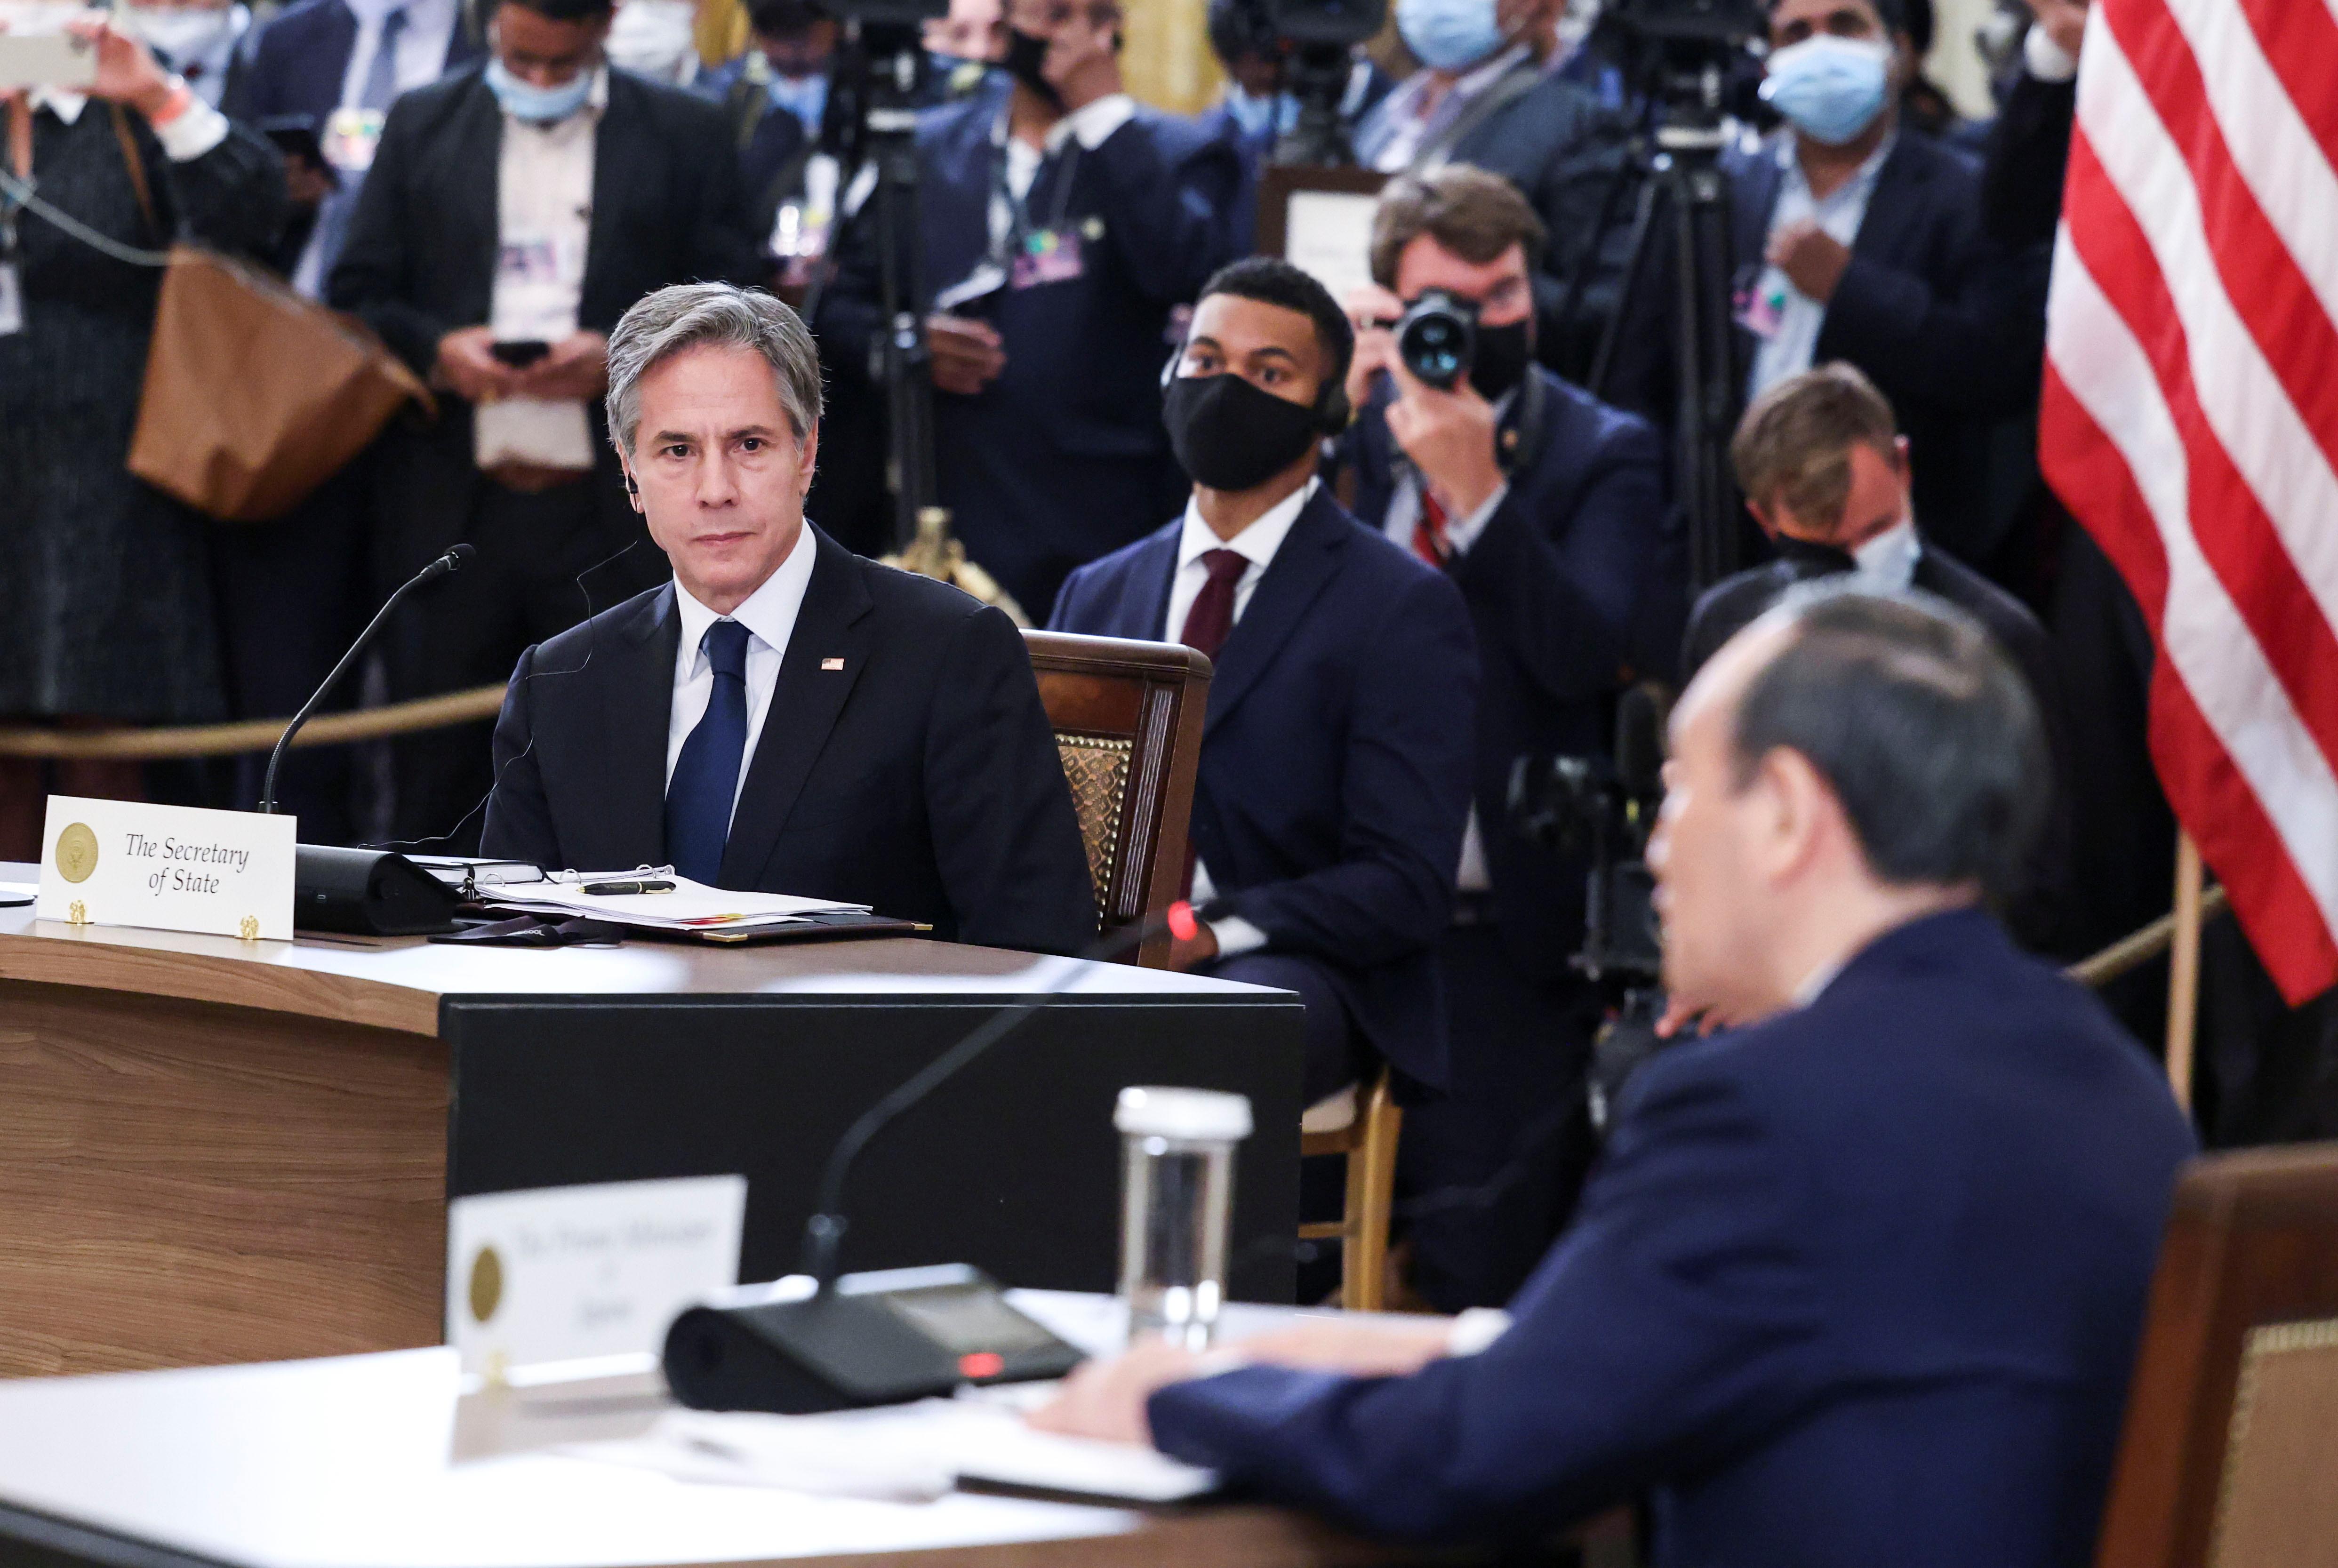 फोटो में जापान के PM योशिहिदे सुगा क्वॉड को लेकर अपना एजेंडा बता रहे हैं और अमेरिका के विदेश मंत्री एंटनी ब्लिंकन उन्हें ध्यान से सुन रहे हैं। मीटिंग में सुगा ने कहा कि यह समिट हमारे साझा संबंधों और एक स्वतंत्र हिंद-प्रशांत क्षेत्र के लिए हमारी प्रतिबद्धता को दर्शाती है।